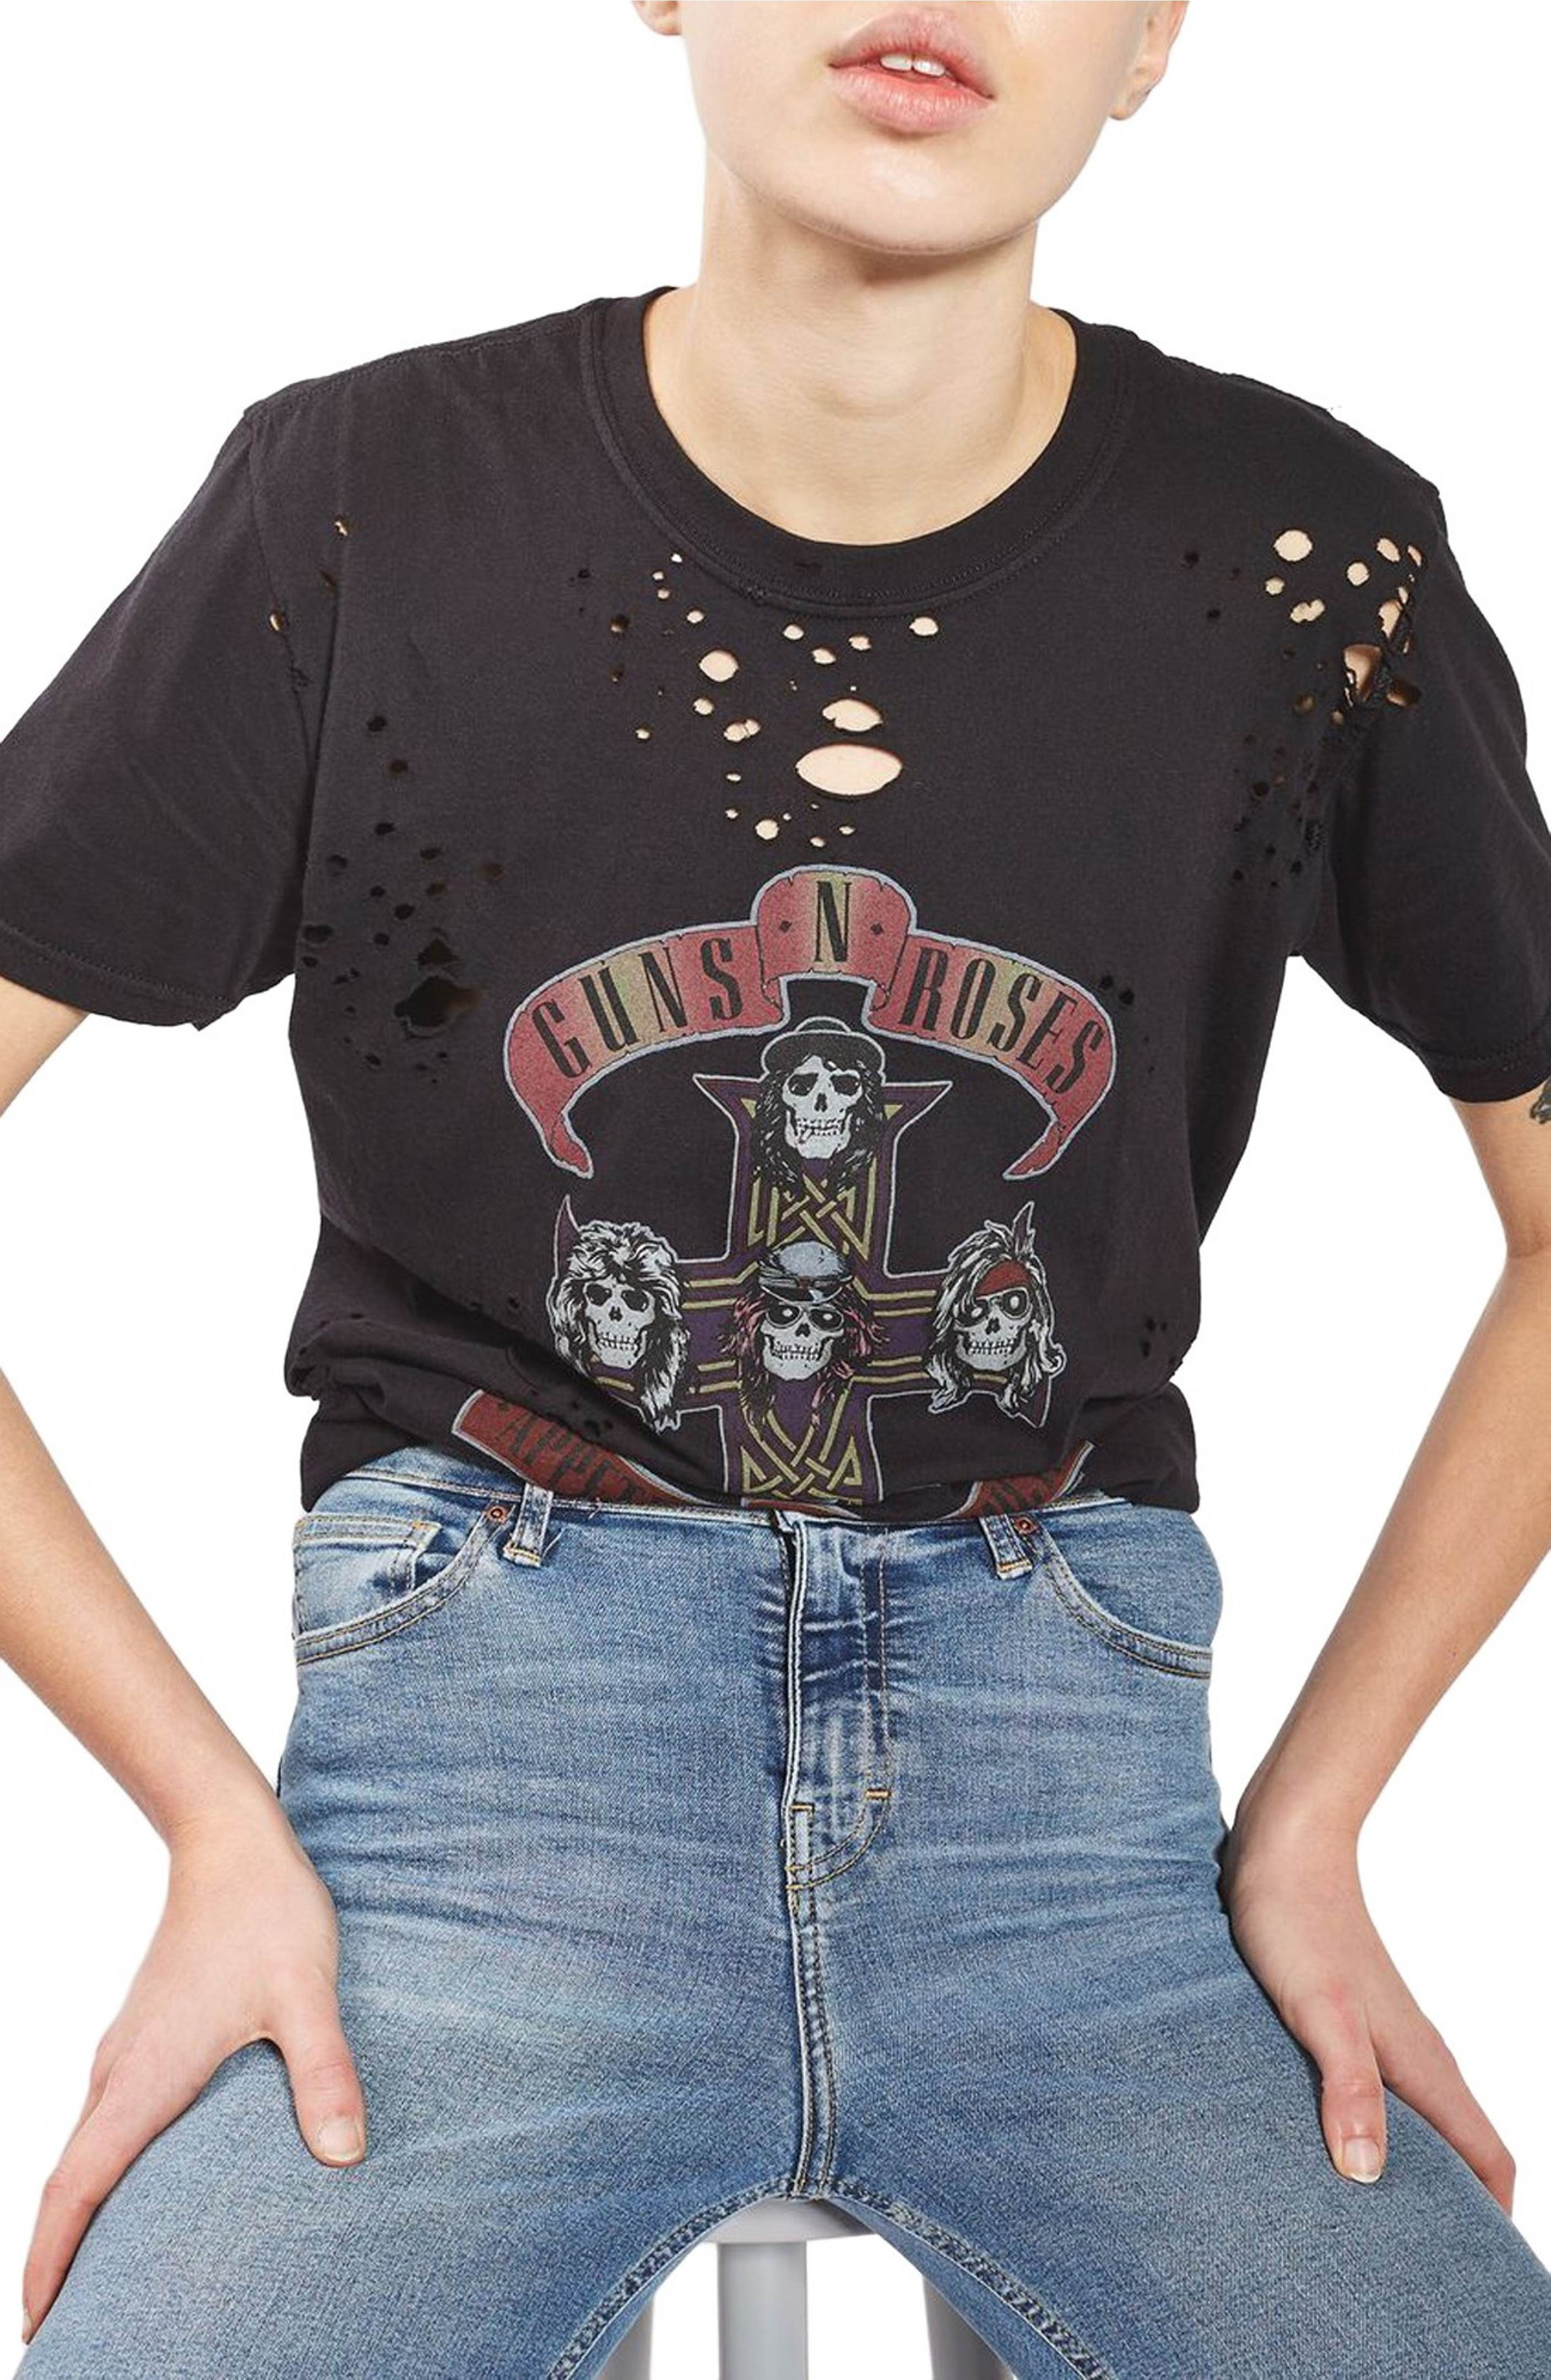 920545f33 Shirts Image Tee Clothes Main Roses amp  Topshop Guns Nibbled p1nxpwgZq8